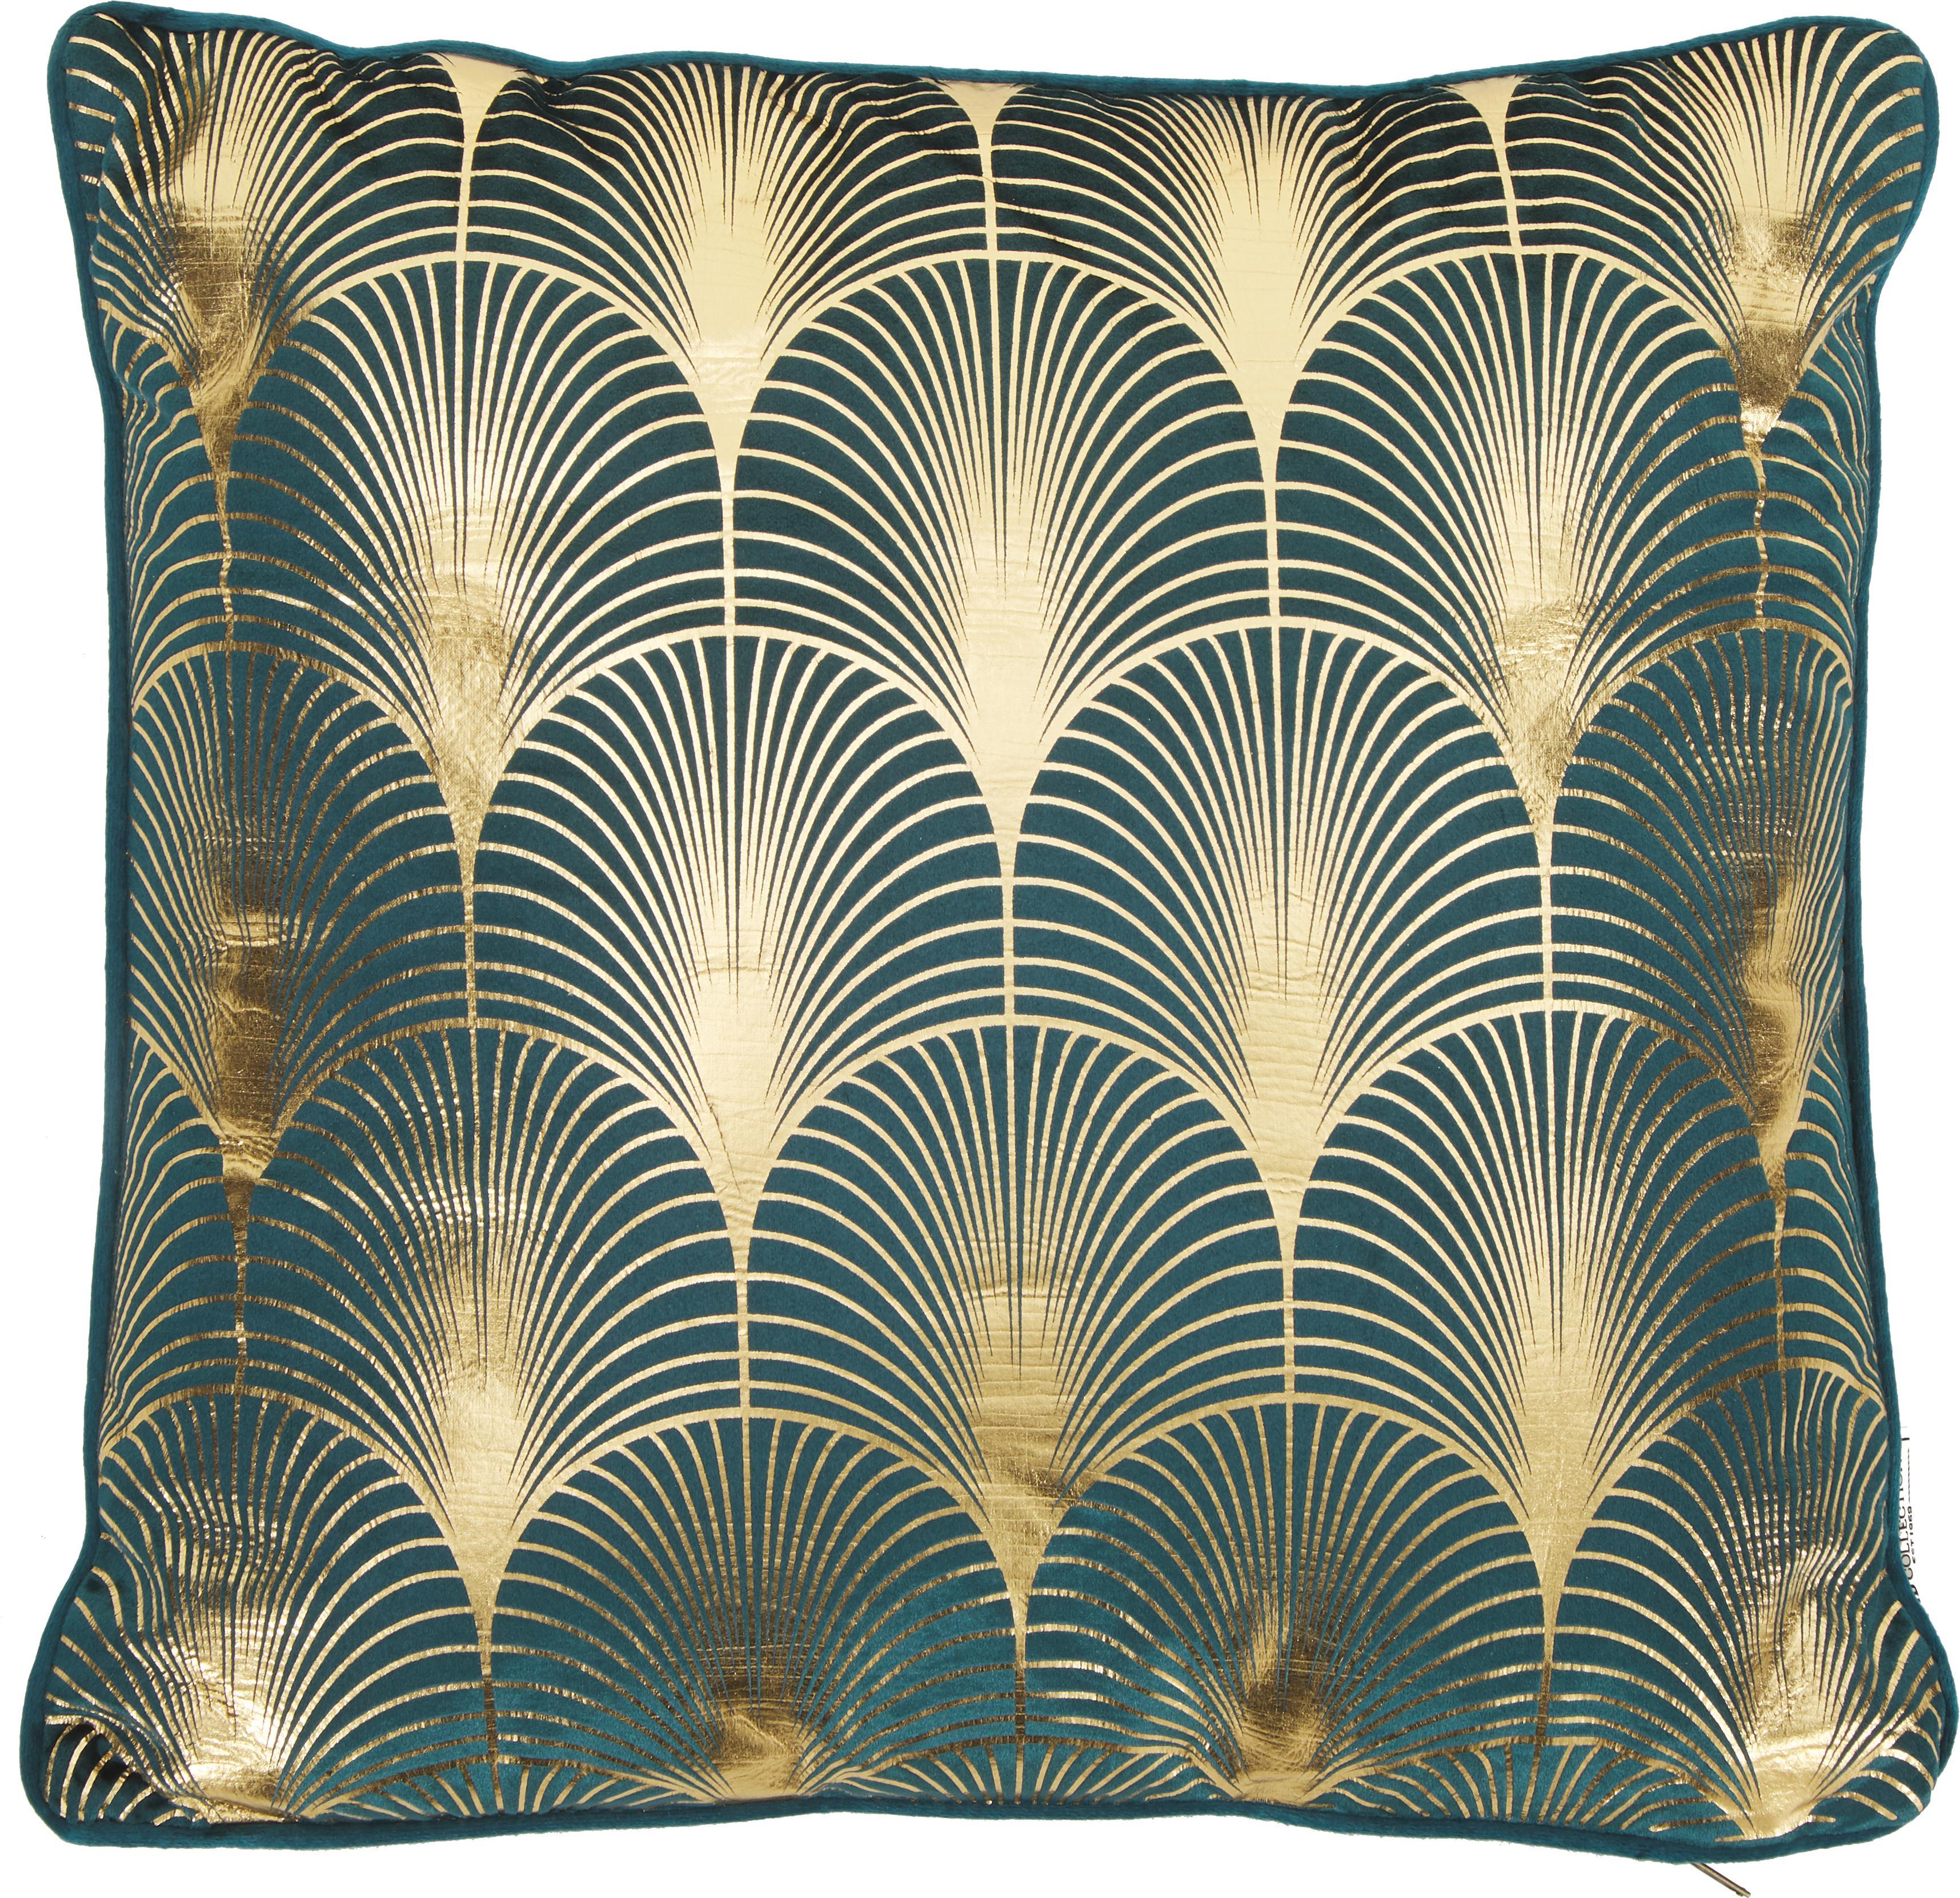 Cuscino in velluto con imbottitura Whety, 100% velluto, stampato, Petrolio, dorato, Larg. 45 x Lung. 45 cm